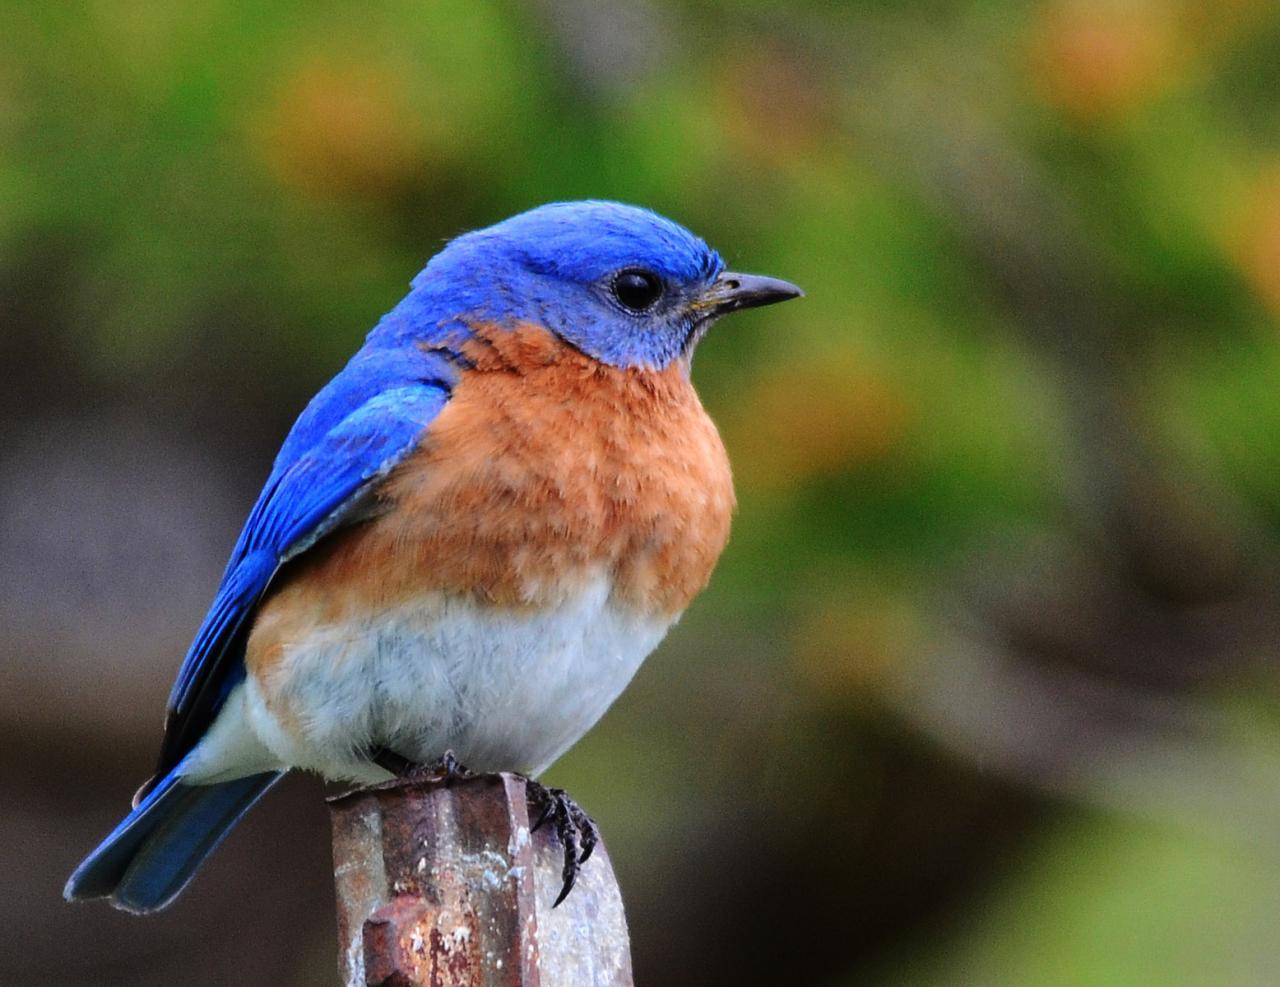 بالصور اجمل صور للعصافير , جمال العصافير تتجمع في هذه الصورة 3608 9